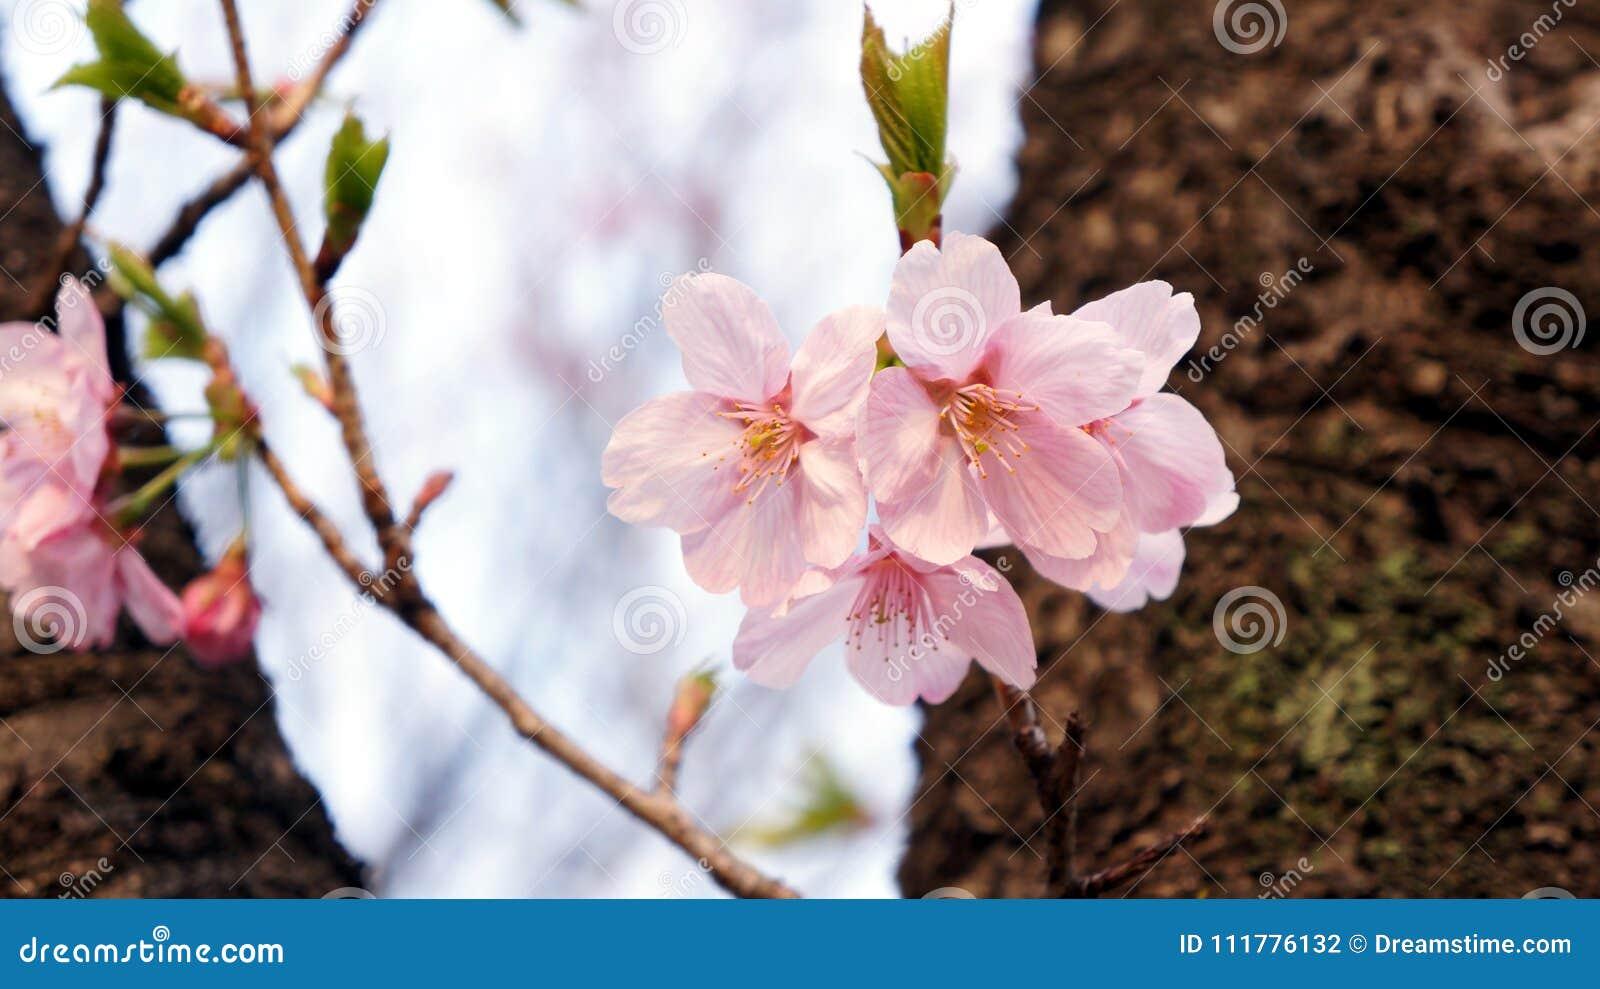 Delikat körsbärsröd blomning med sidor